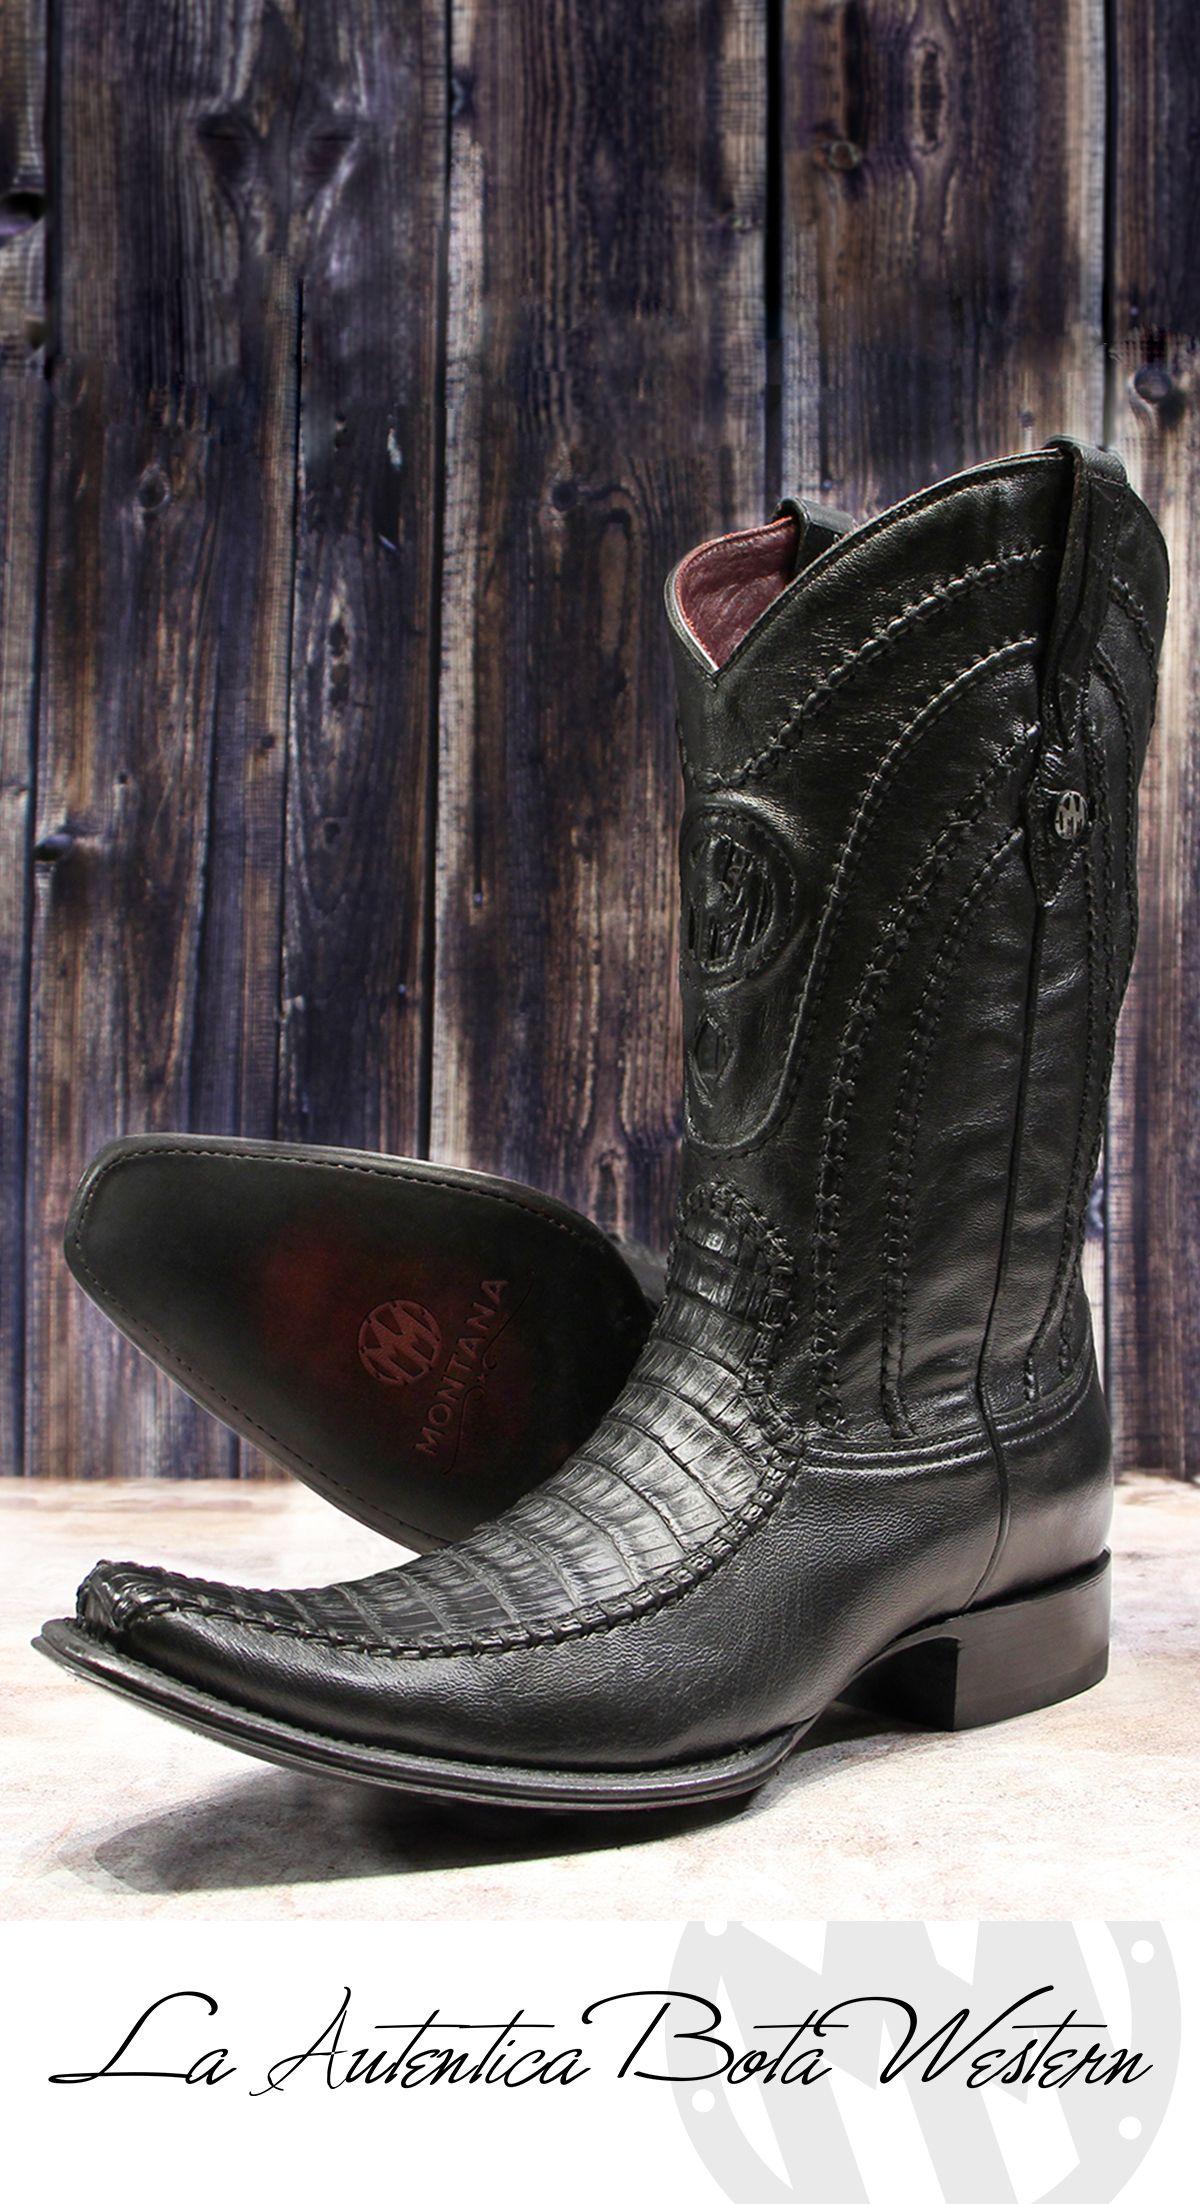 ofrecer descuentos sitio autorizado brillante en brillo Calidad y elegancia en botas. #Boots #rodeo #vaqueros ...